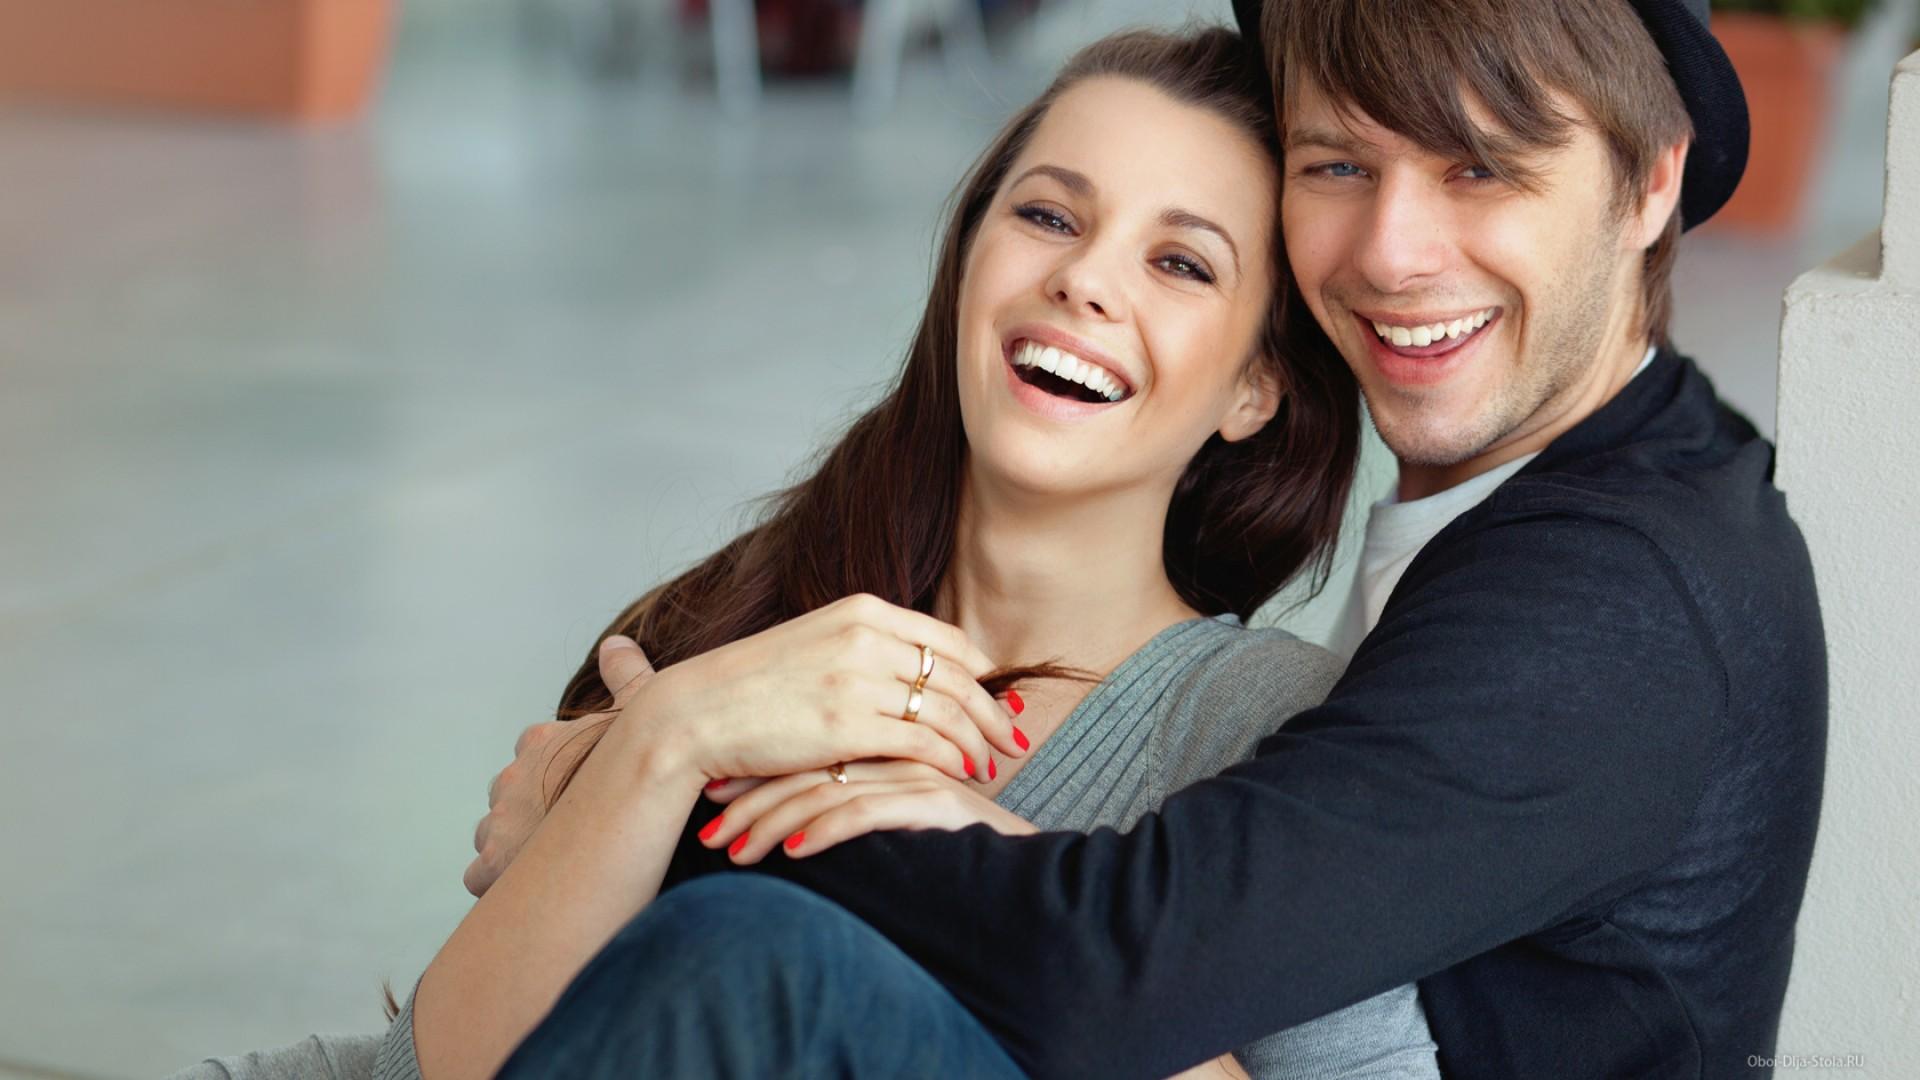 Смеющиеся парень и девушка фото